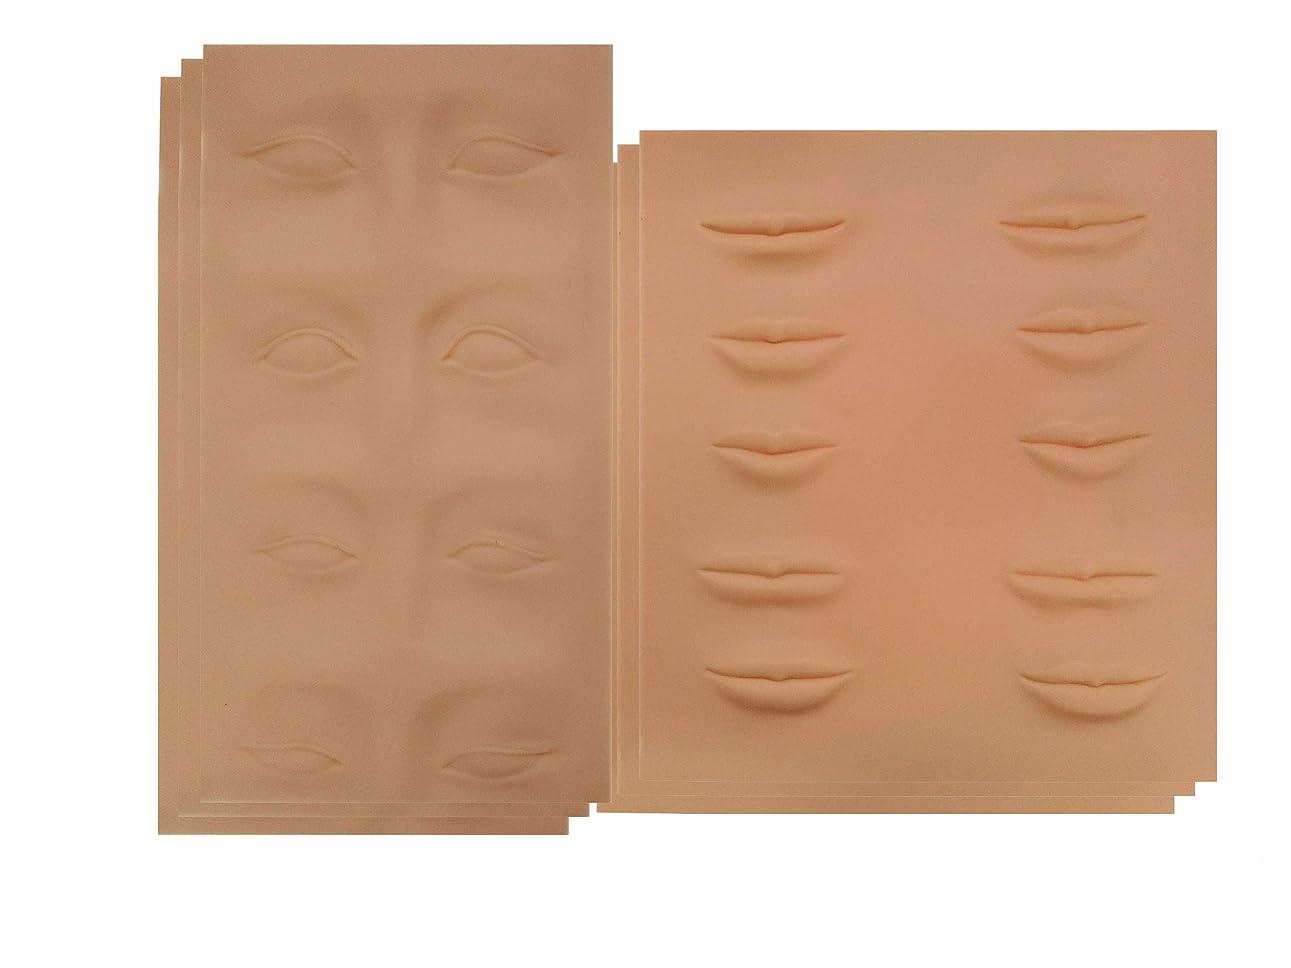 アートメイク 入墨 タトゥ メイク 練習 シートマット 眉タトゥー リップタトゥー 練習ゴムシートアートメイク材料 眉 リップ 2種類セット (1セット~10セット) (3セット(6枚))